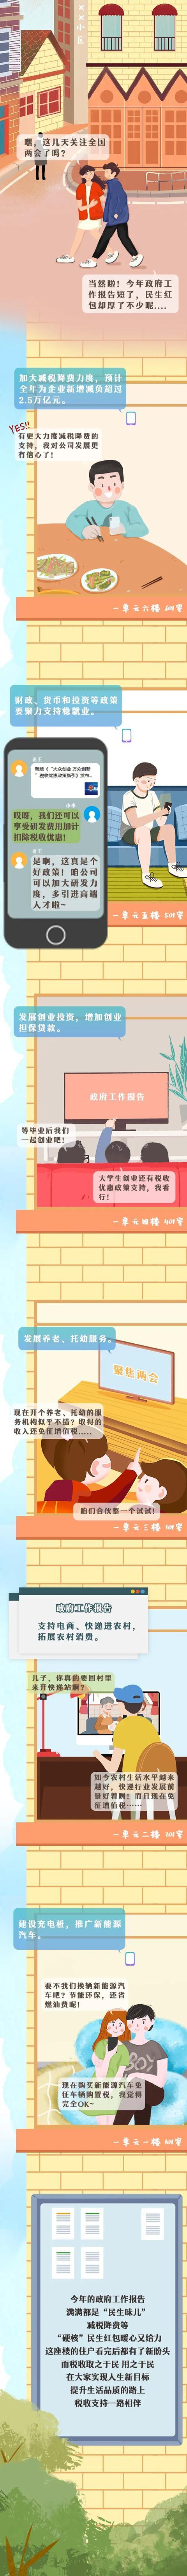 [中国税务报]看完政府工作报告后,这座楼的住户聊起来了......